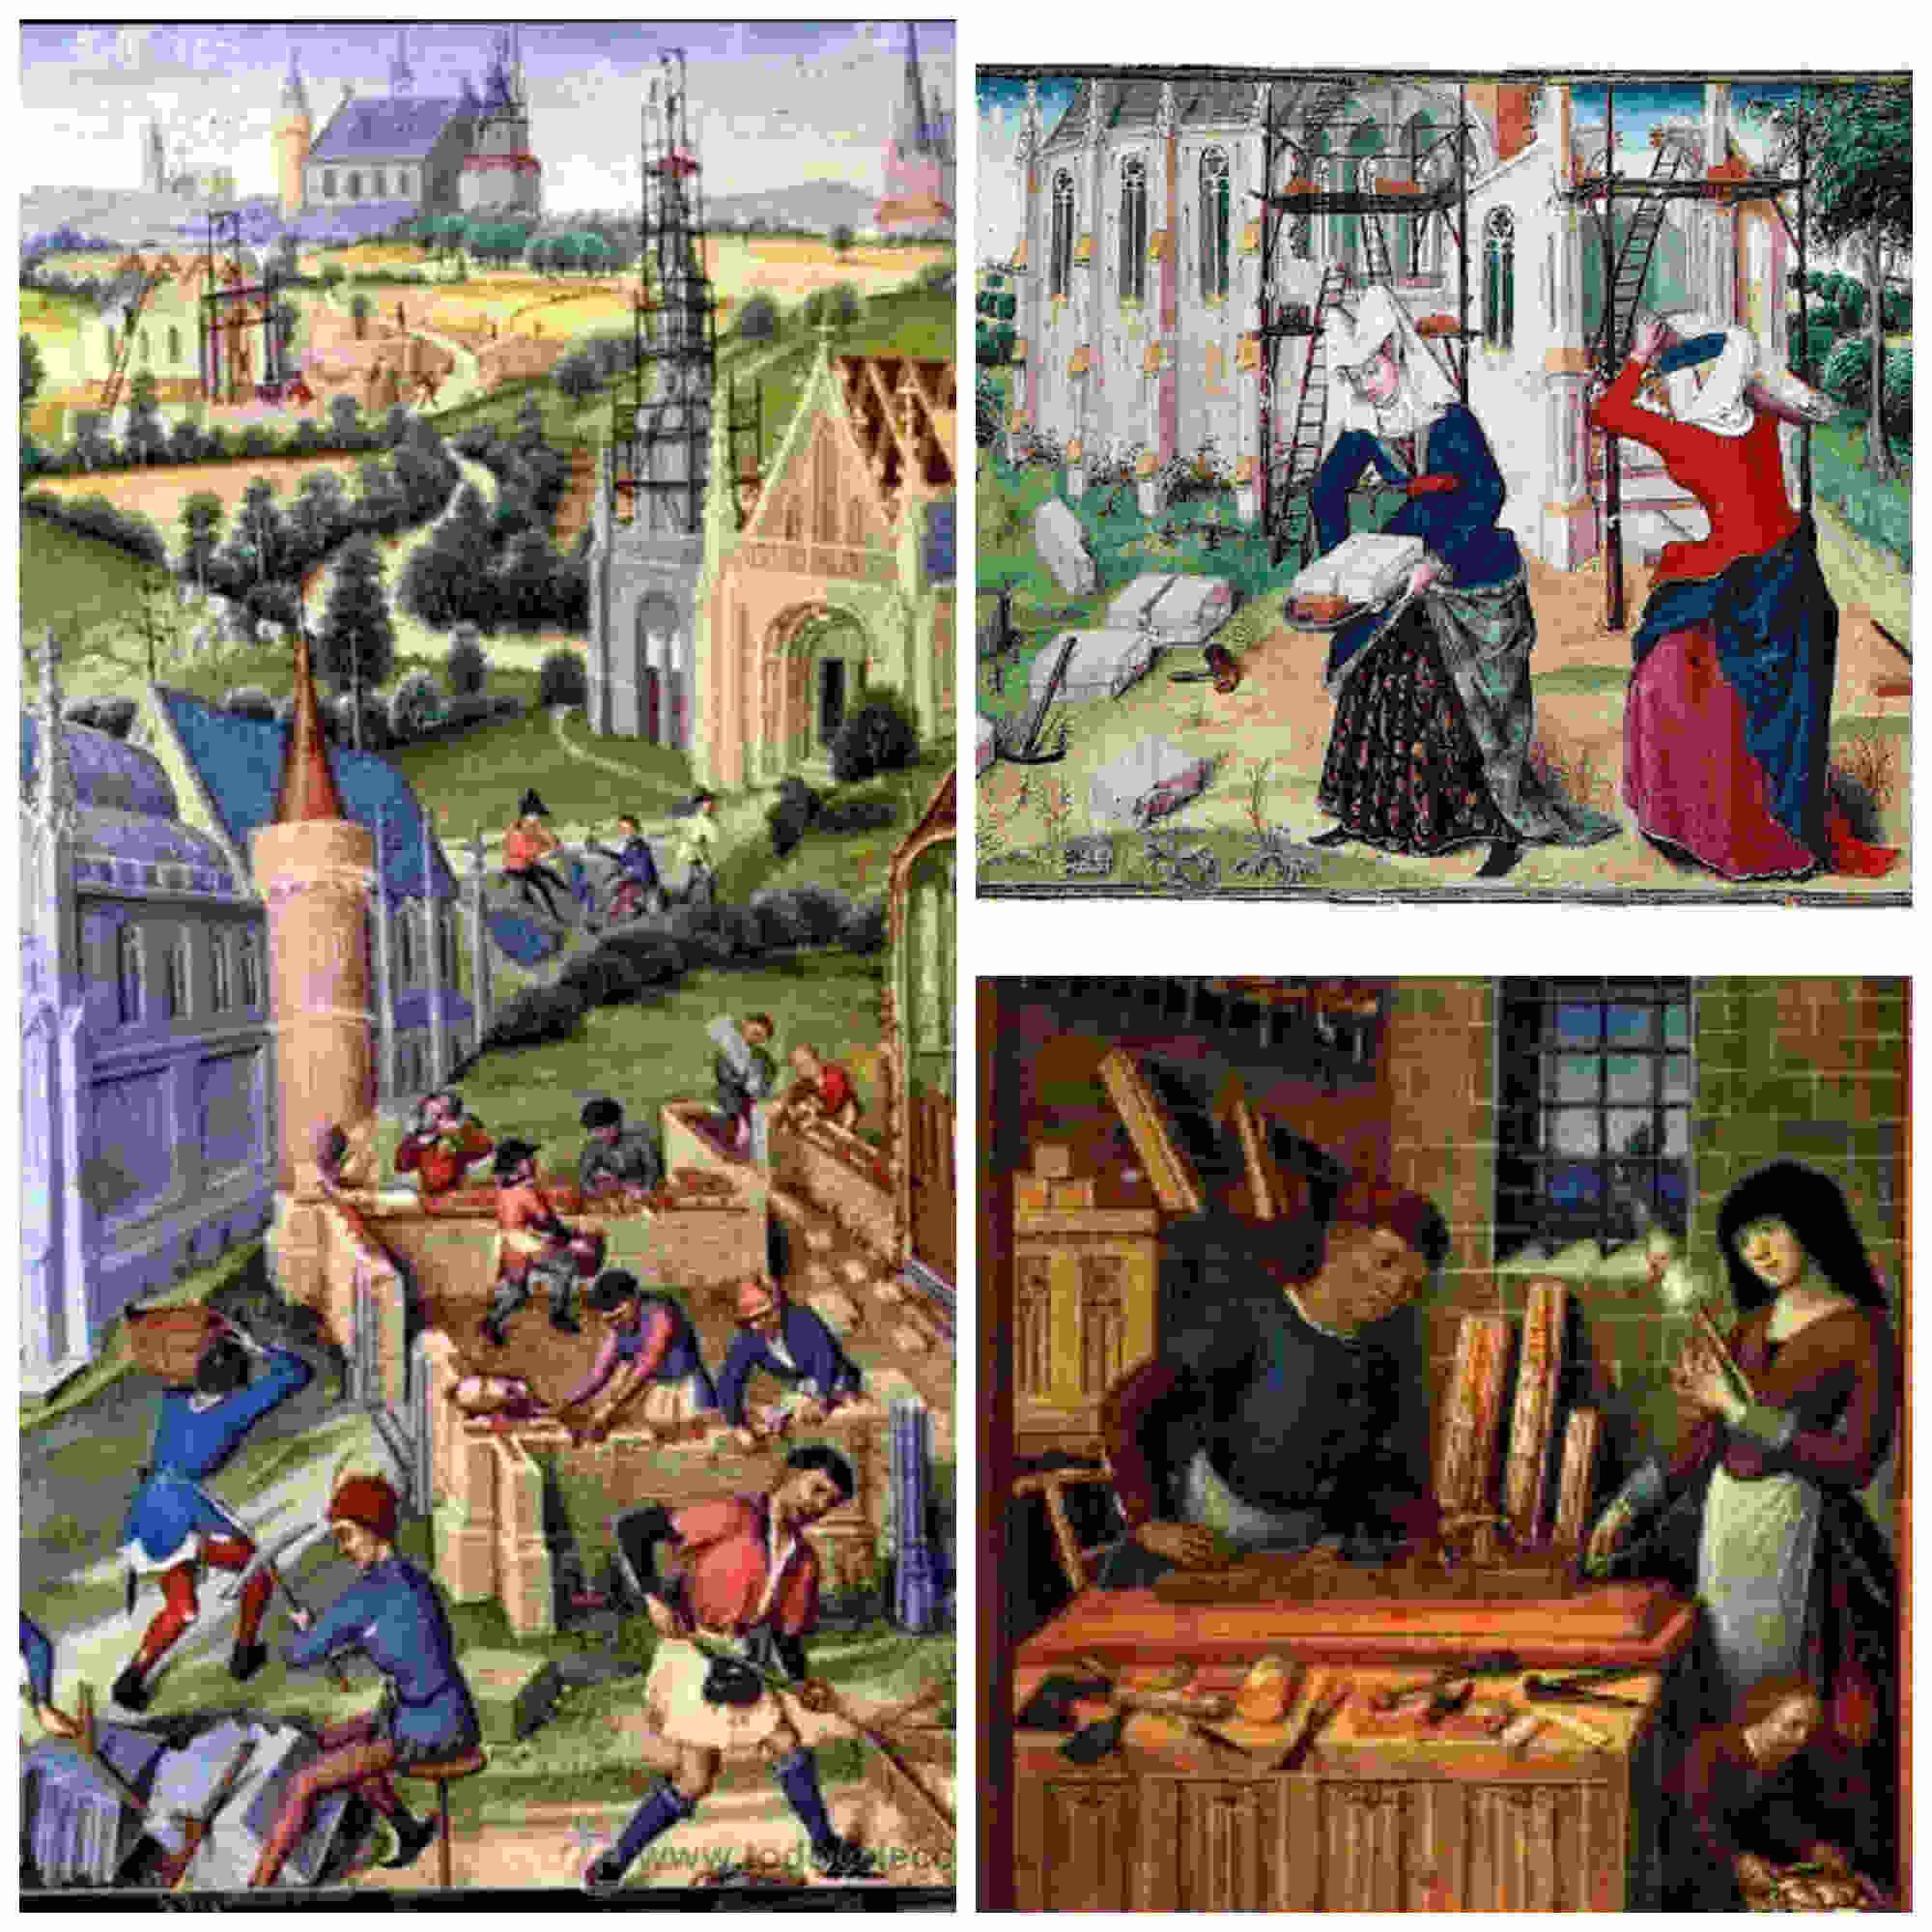 Mujeres trabajadoras en la Edad Media